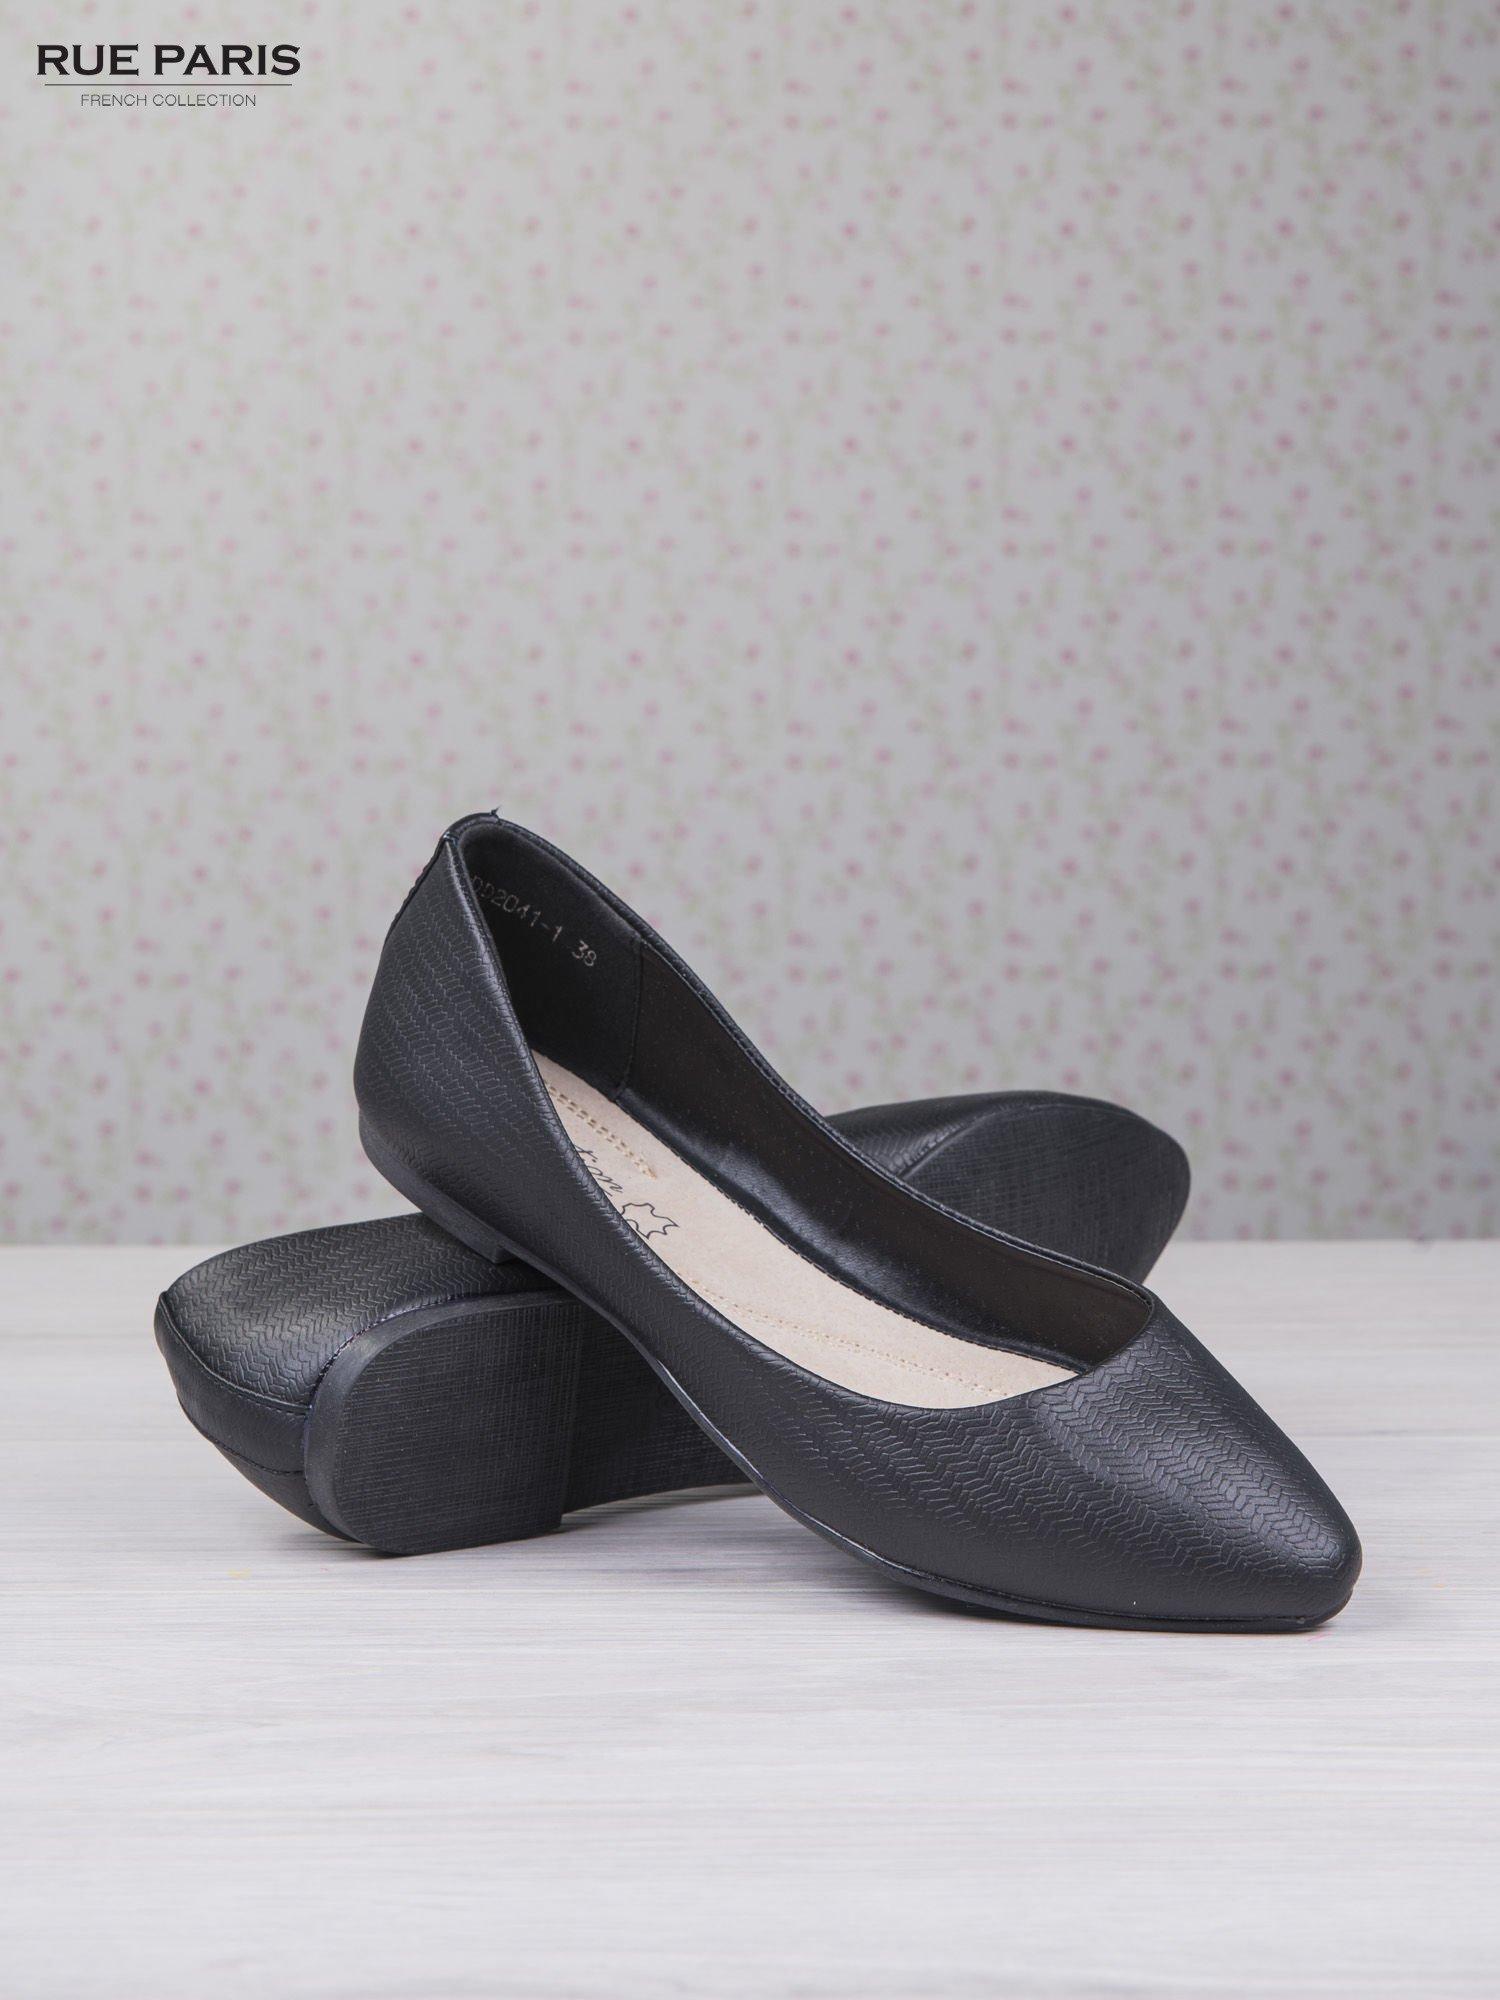 Czarne baleriny saffiano effect w jodełkę                                  zdj.                                  4